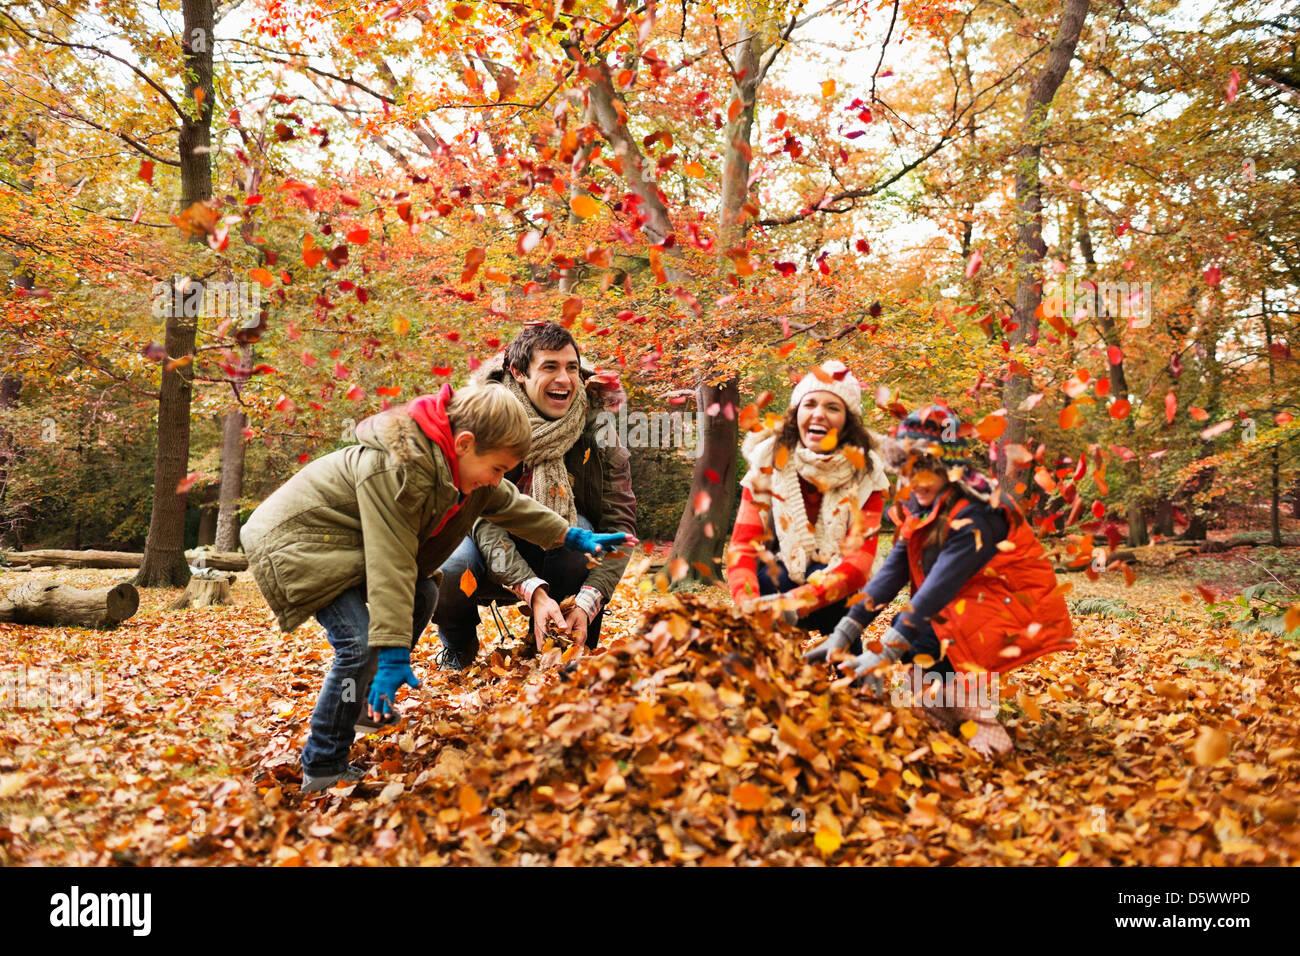 Famiglia giocando in foglie di autunno Immagini Stock